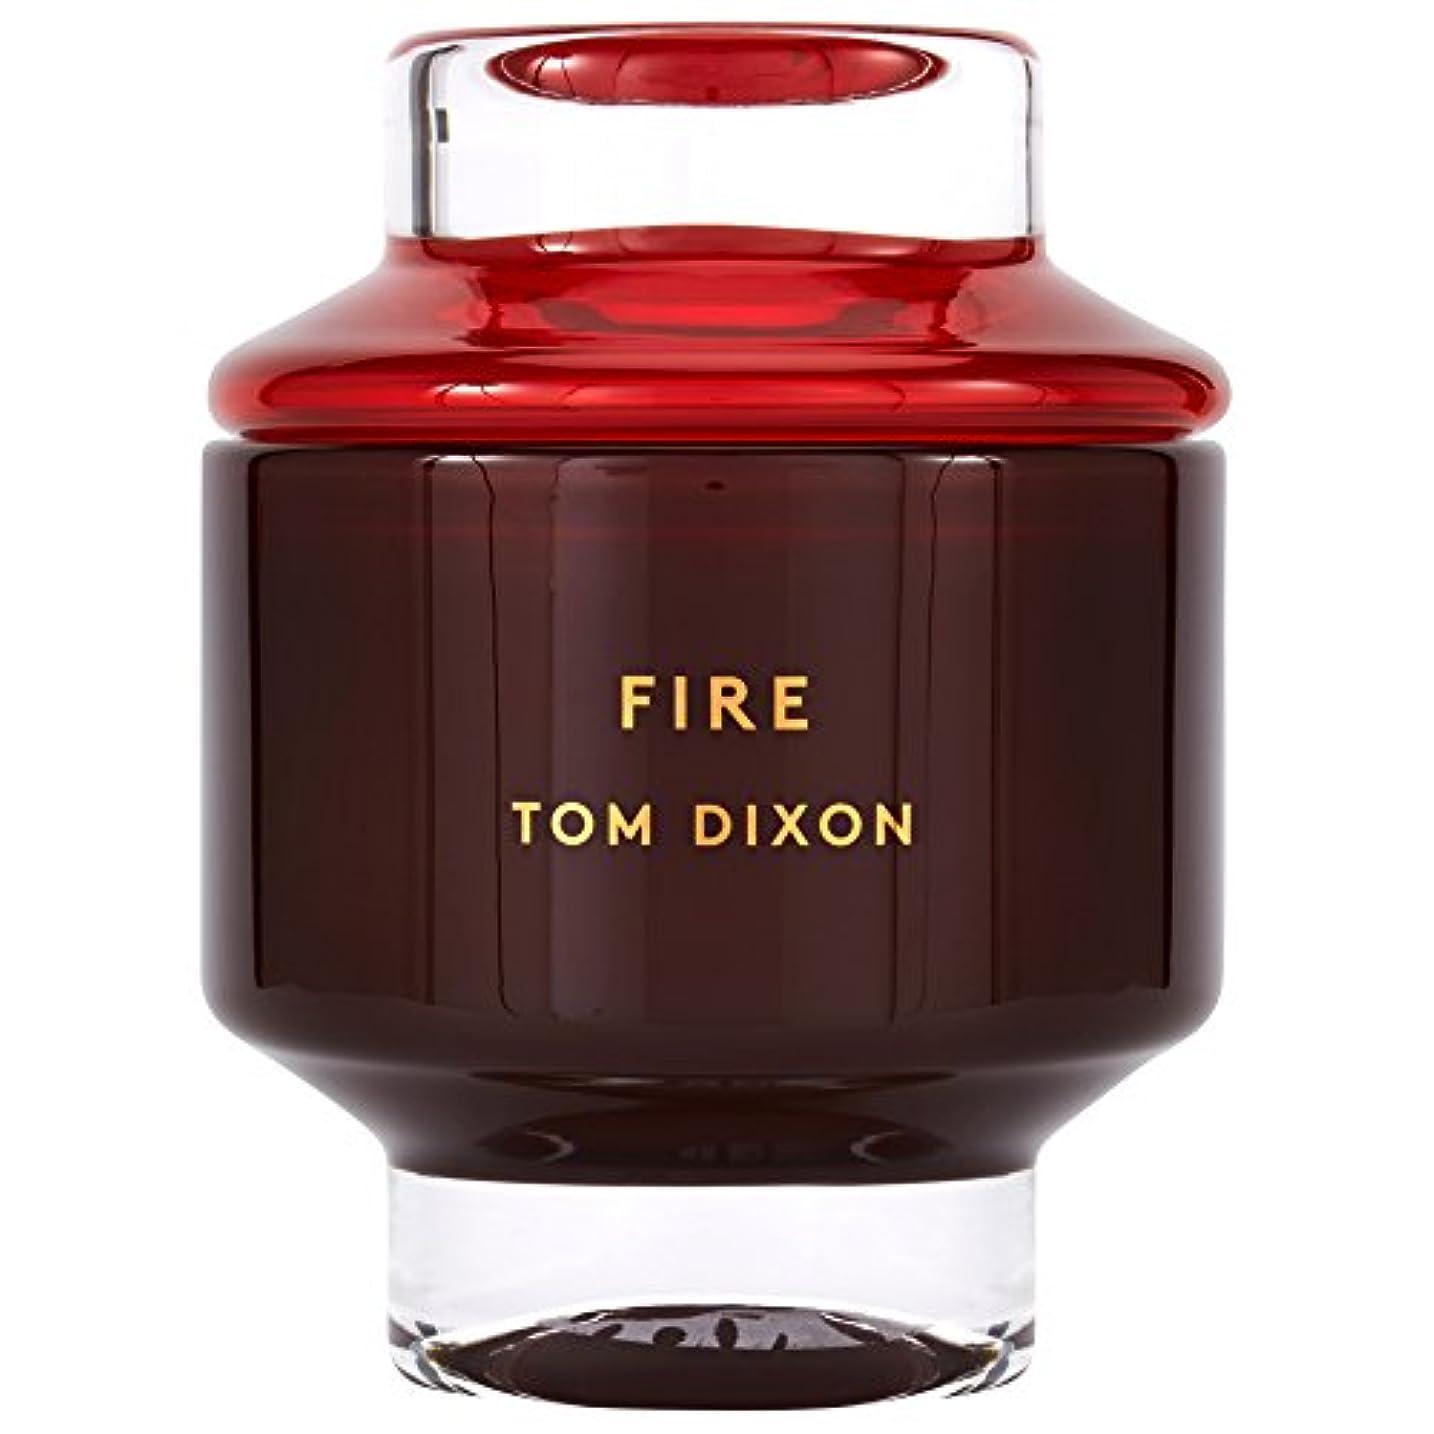 独創的魅力的柔和トム?ディクソン火災大型香りのキャンドル x6 - Tom Dixon Fire Scented Candle Large (Pack of 6) [並行輸入品]